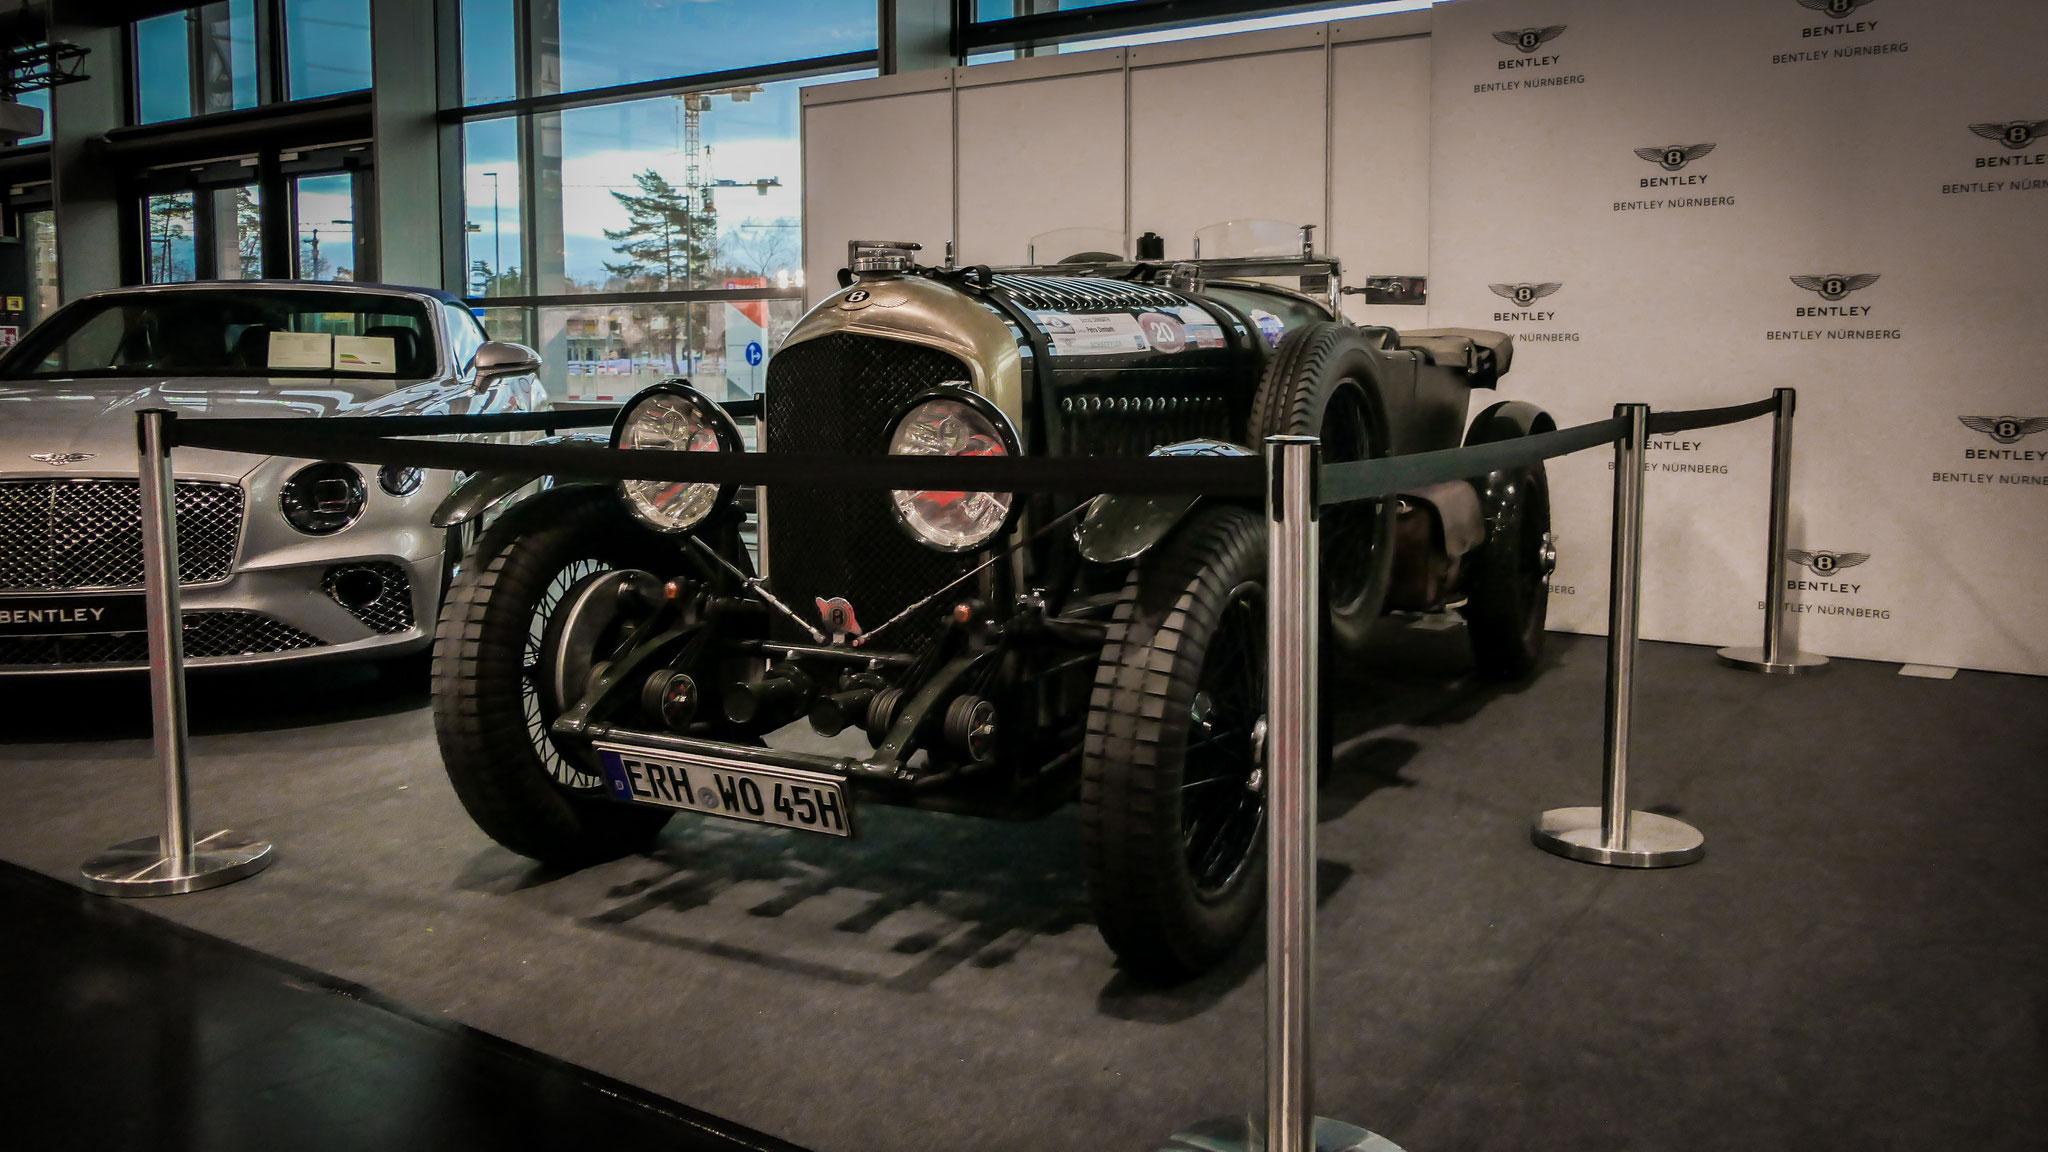 Bentley 4 1/2 Litre Blower - ERH-WO-45H